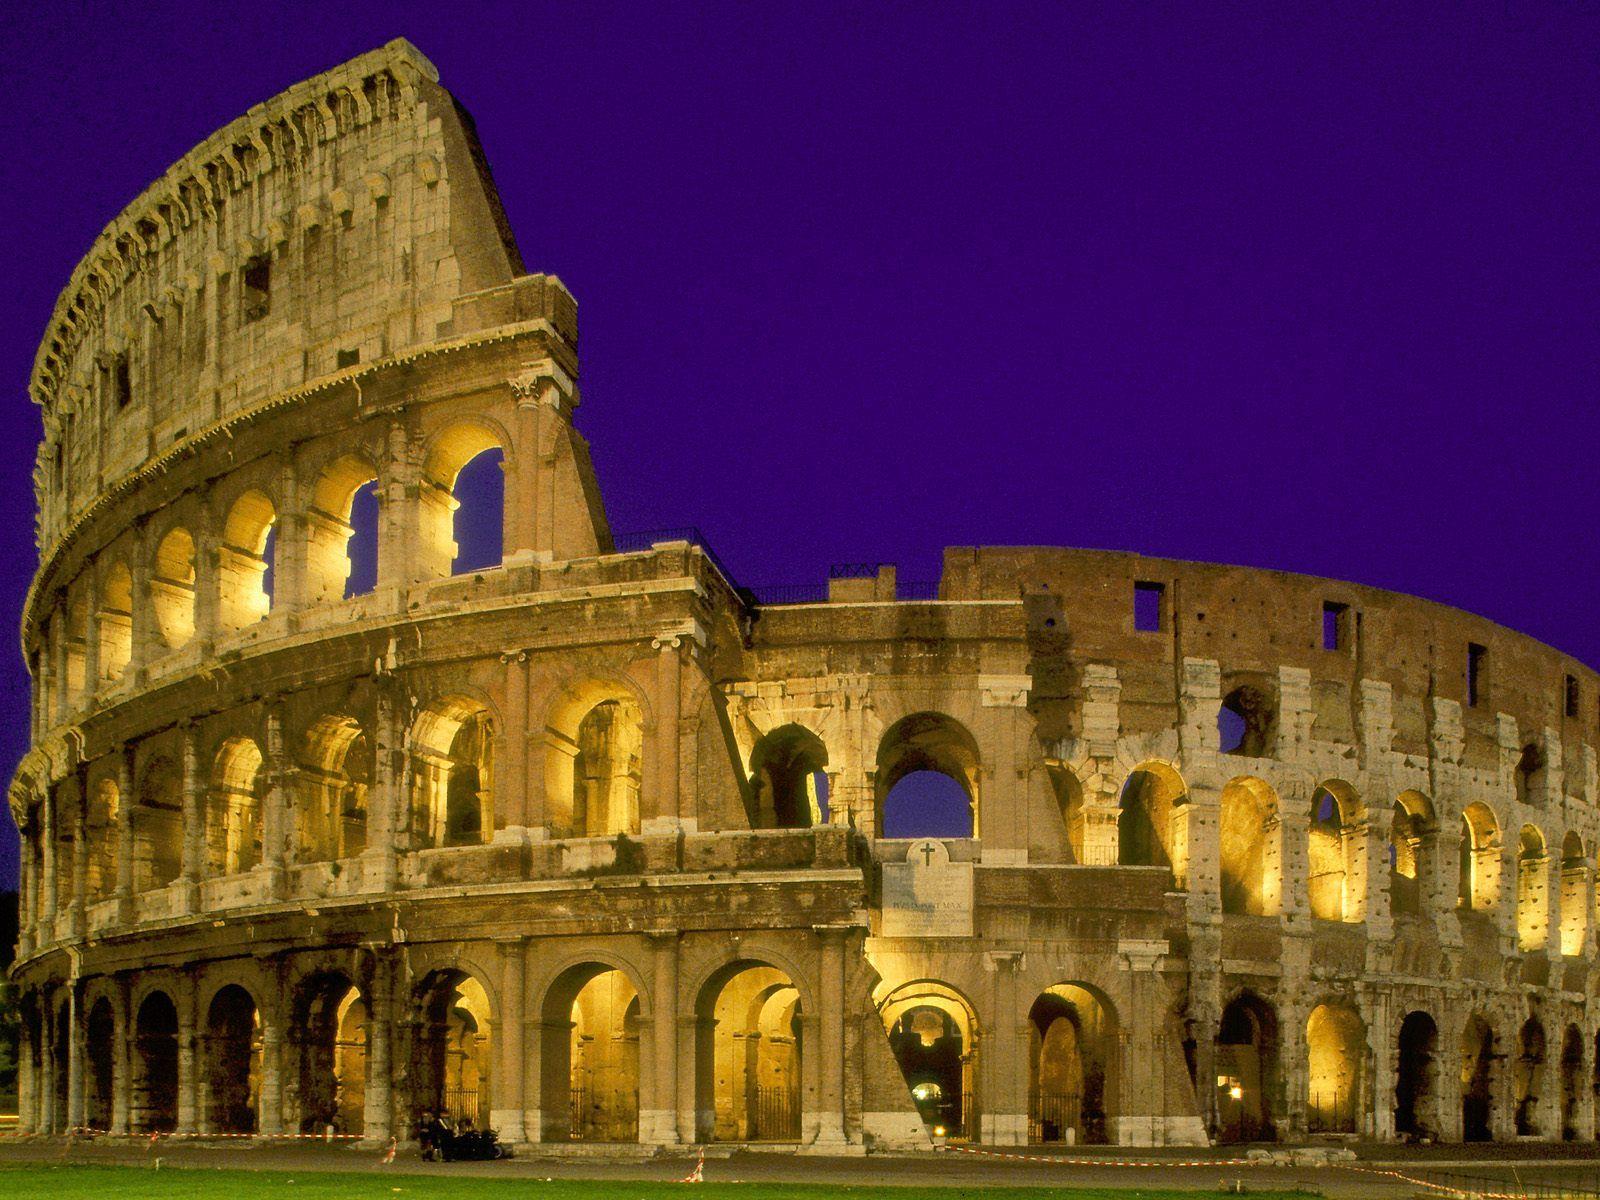 The Colosseum: Emblem of Rome